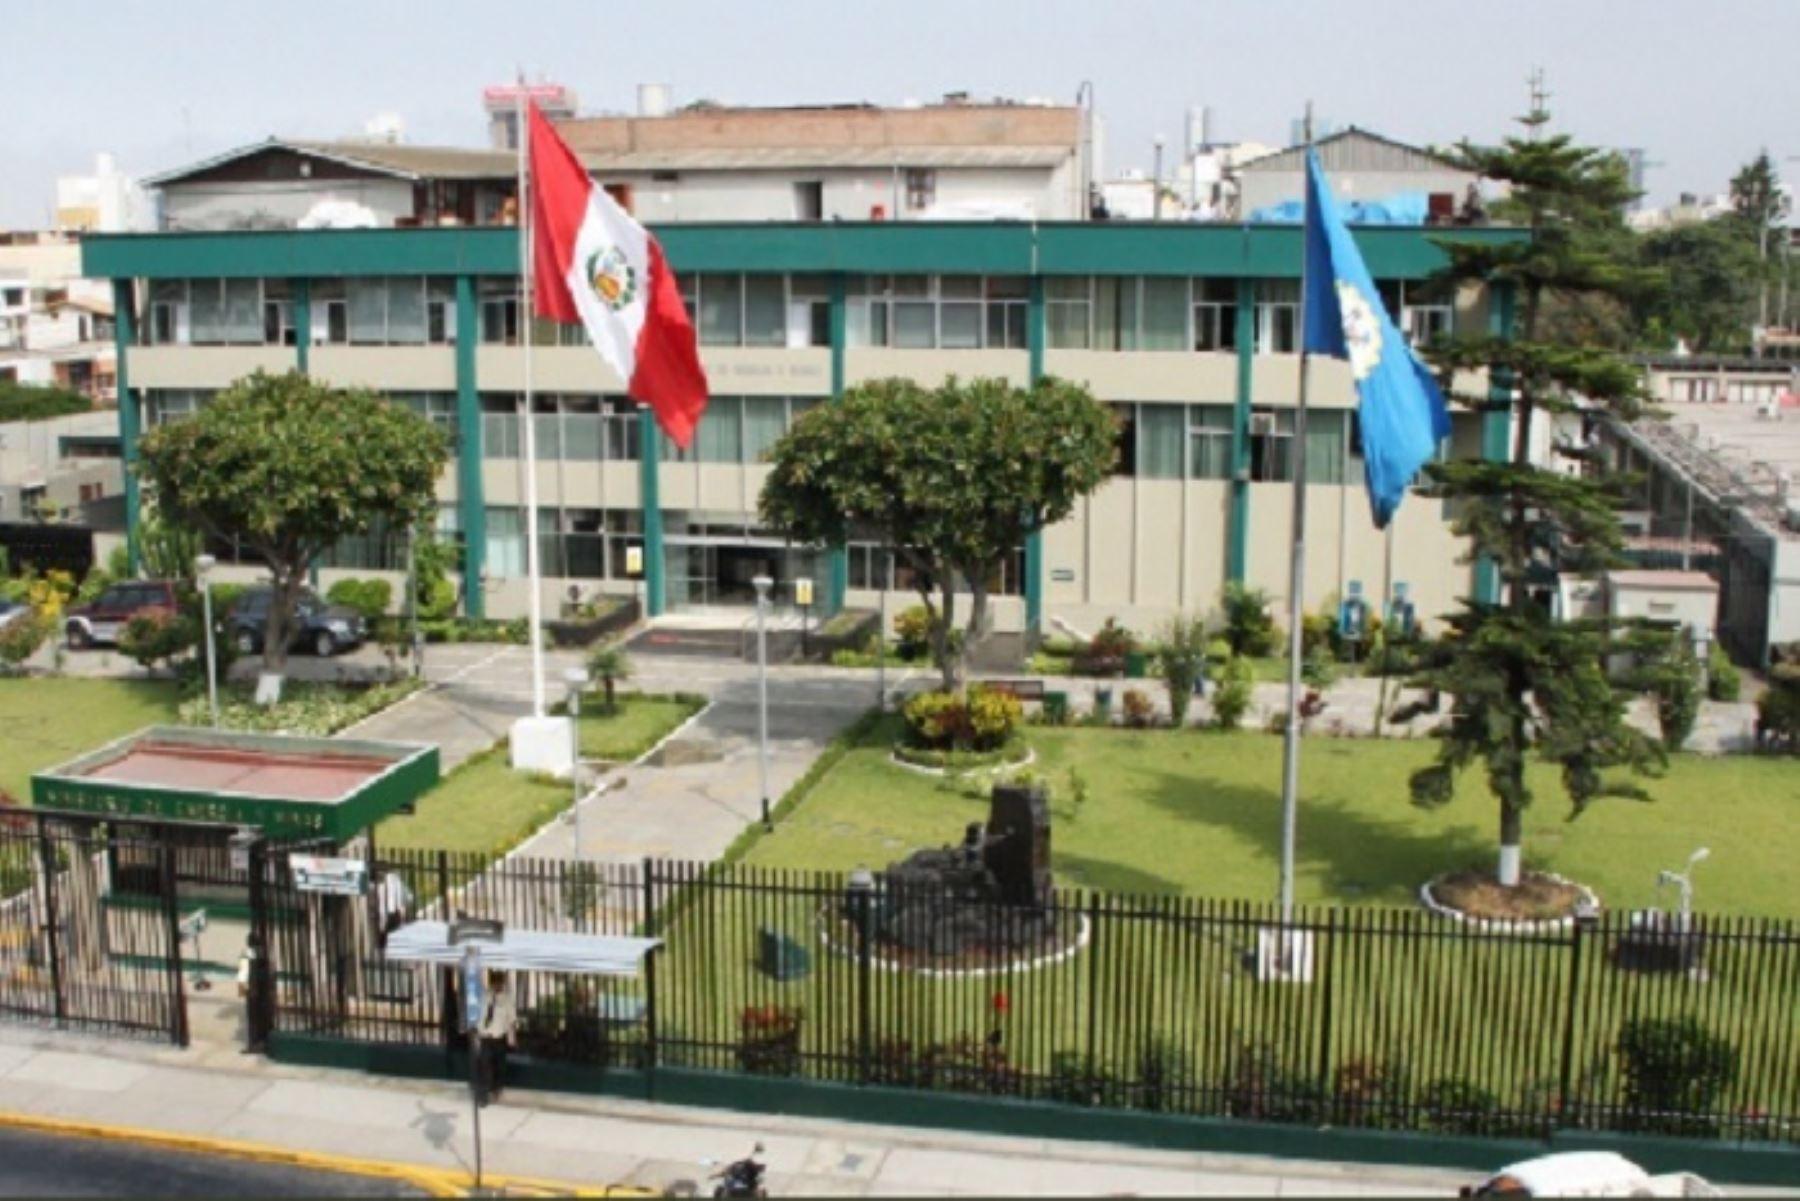 Especialistas del Ministerio de Energía y Minas monitorean y apoyan en las zonas afectadas por el sismo de magnitud 7.5 que se registró en Loreto, debido a los posibles daños en las instalaciones eléctricas y de gas.